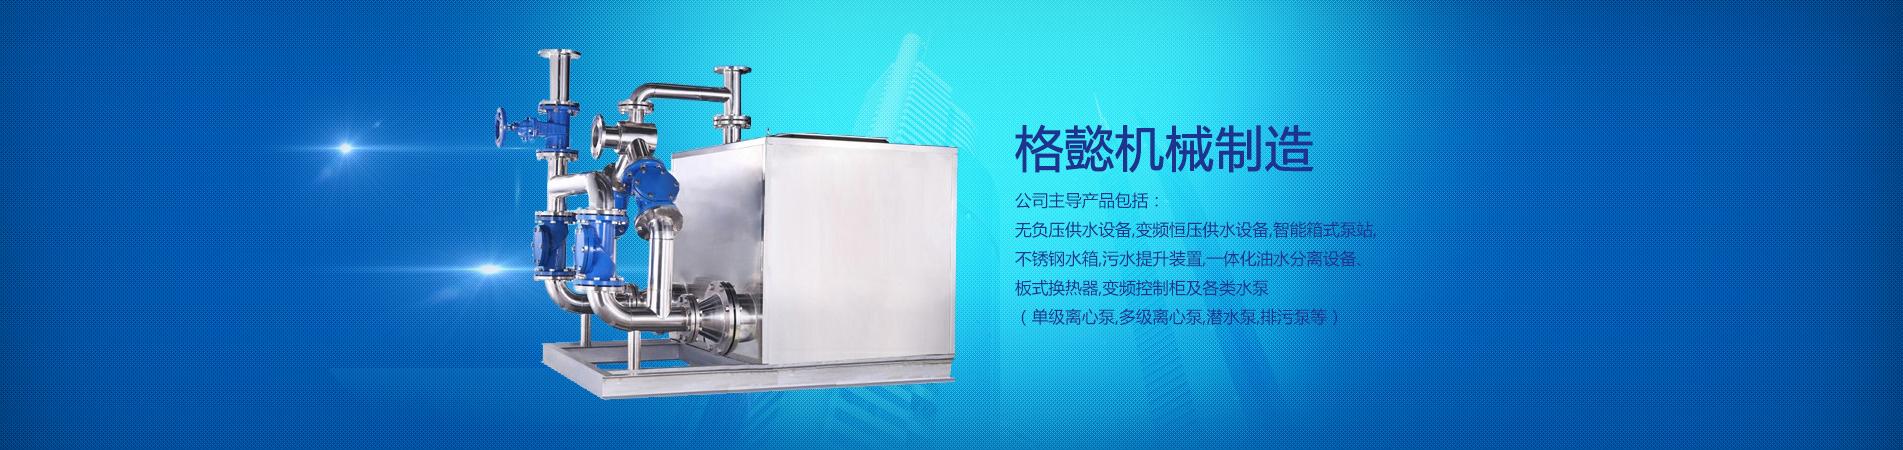 污水提升设备_预制泵站_隔油提升设备_banner2